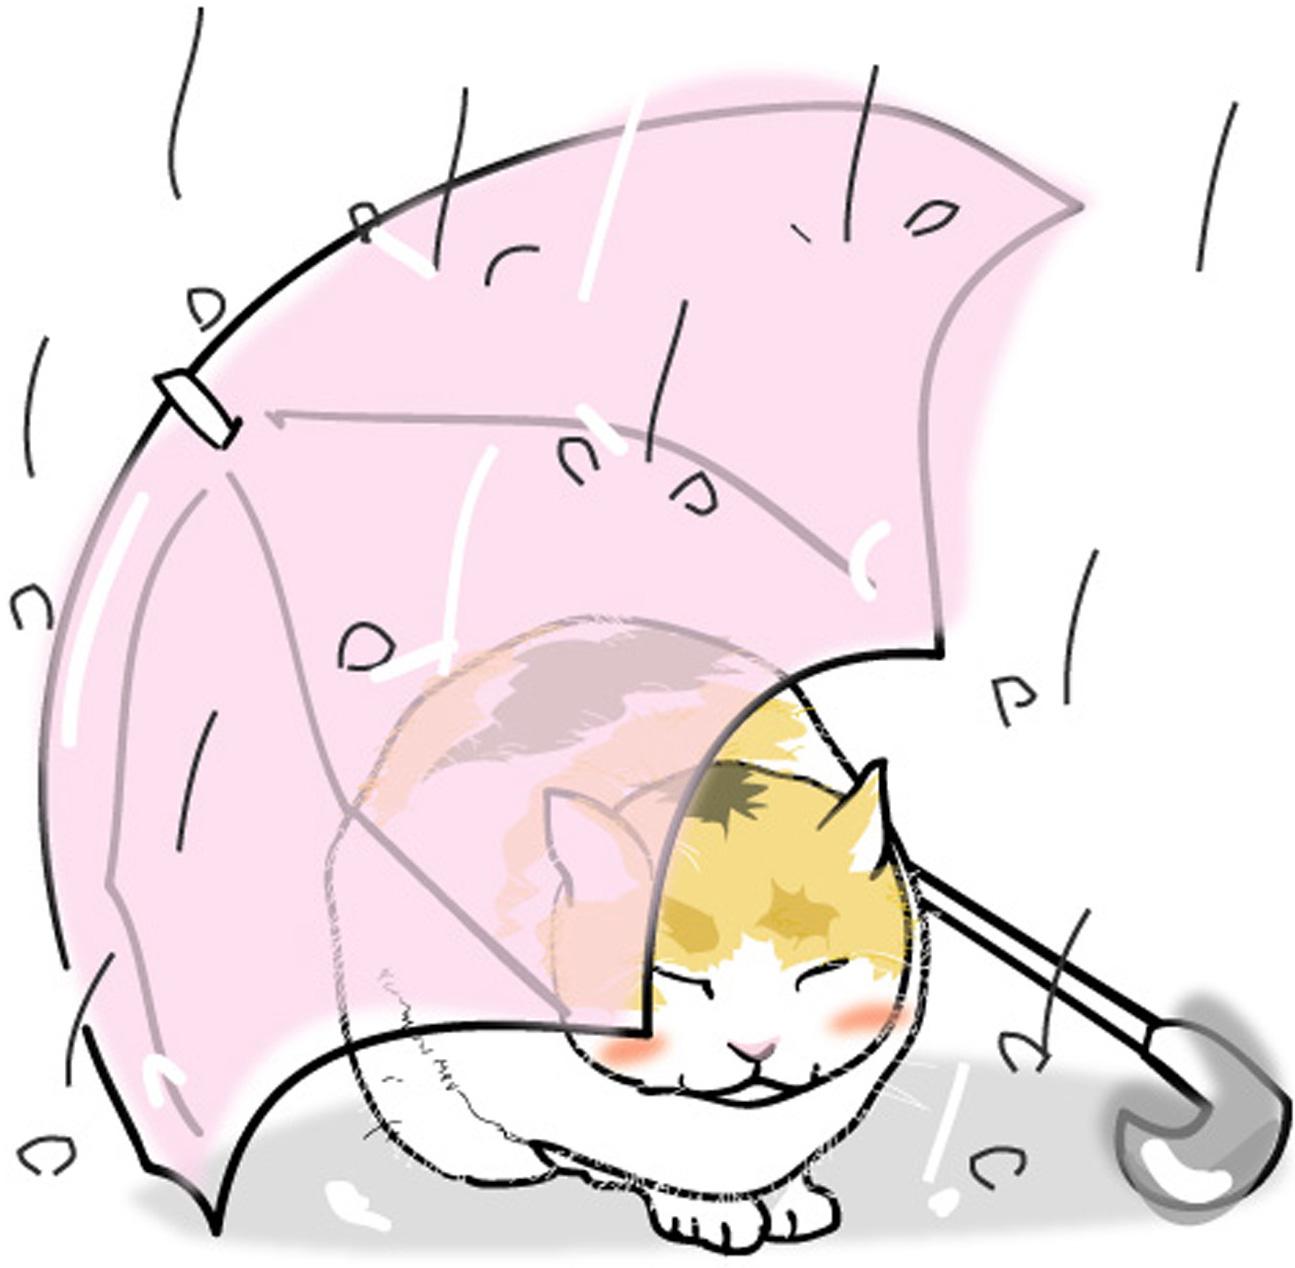 夏の印刷用イラスト素材「動物・夏・雨宿り猫」ダウンロード